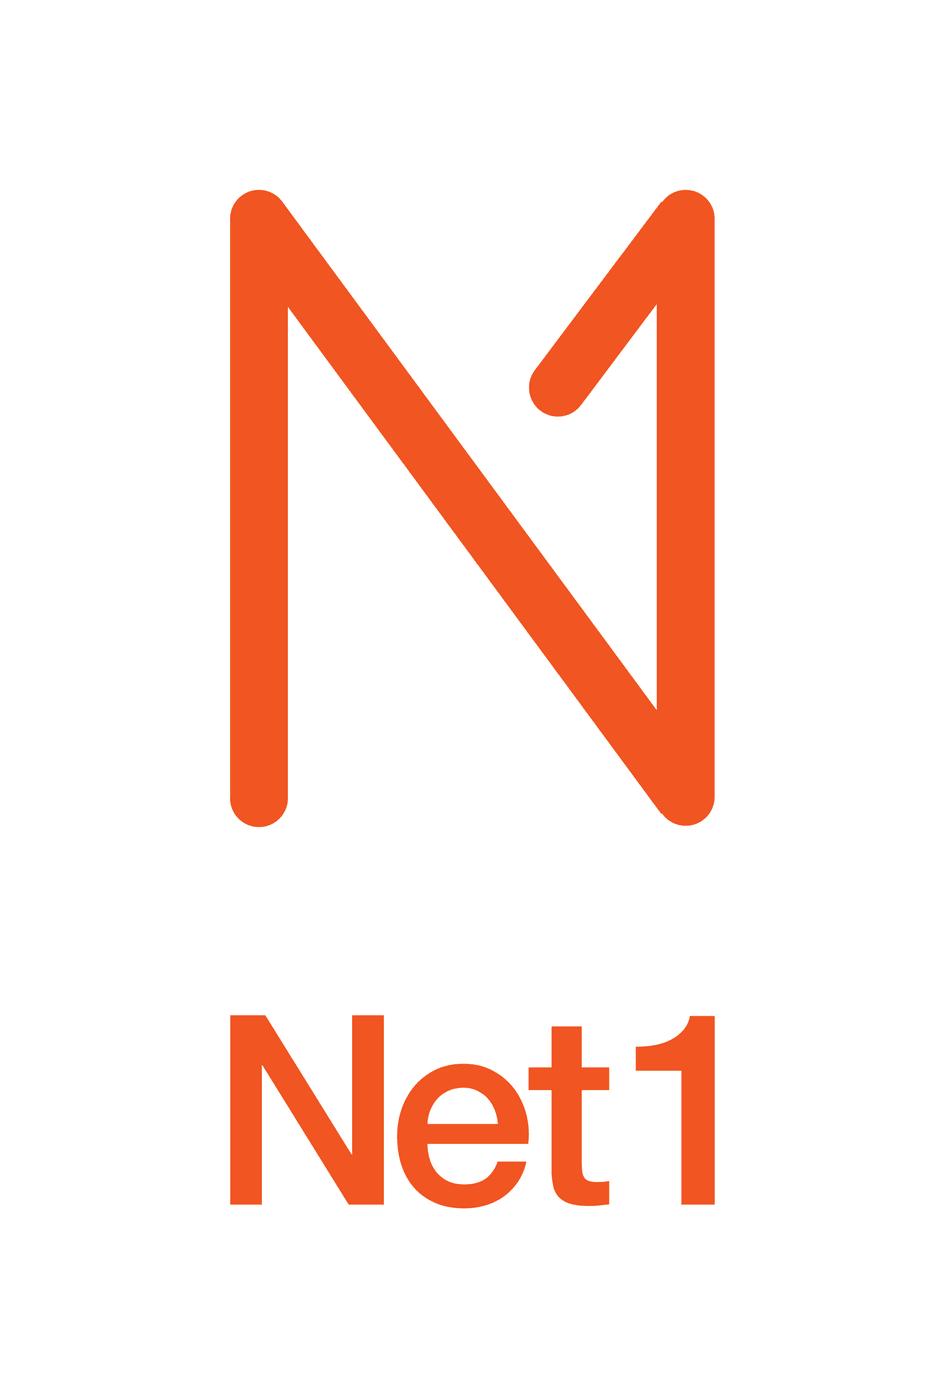 net1 mobilt bredband täckningskarta